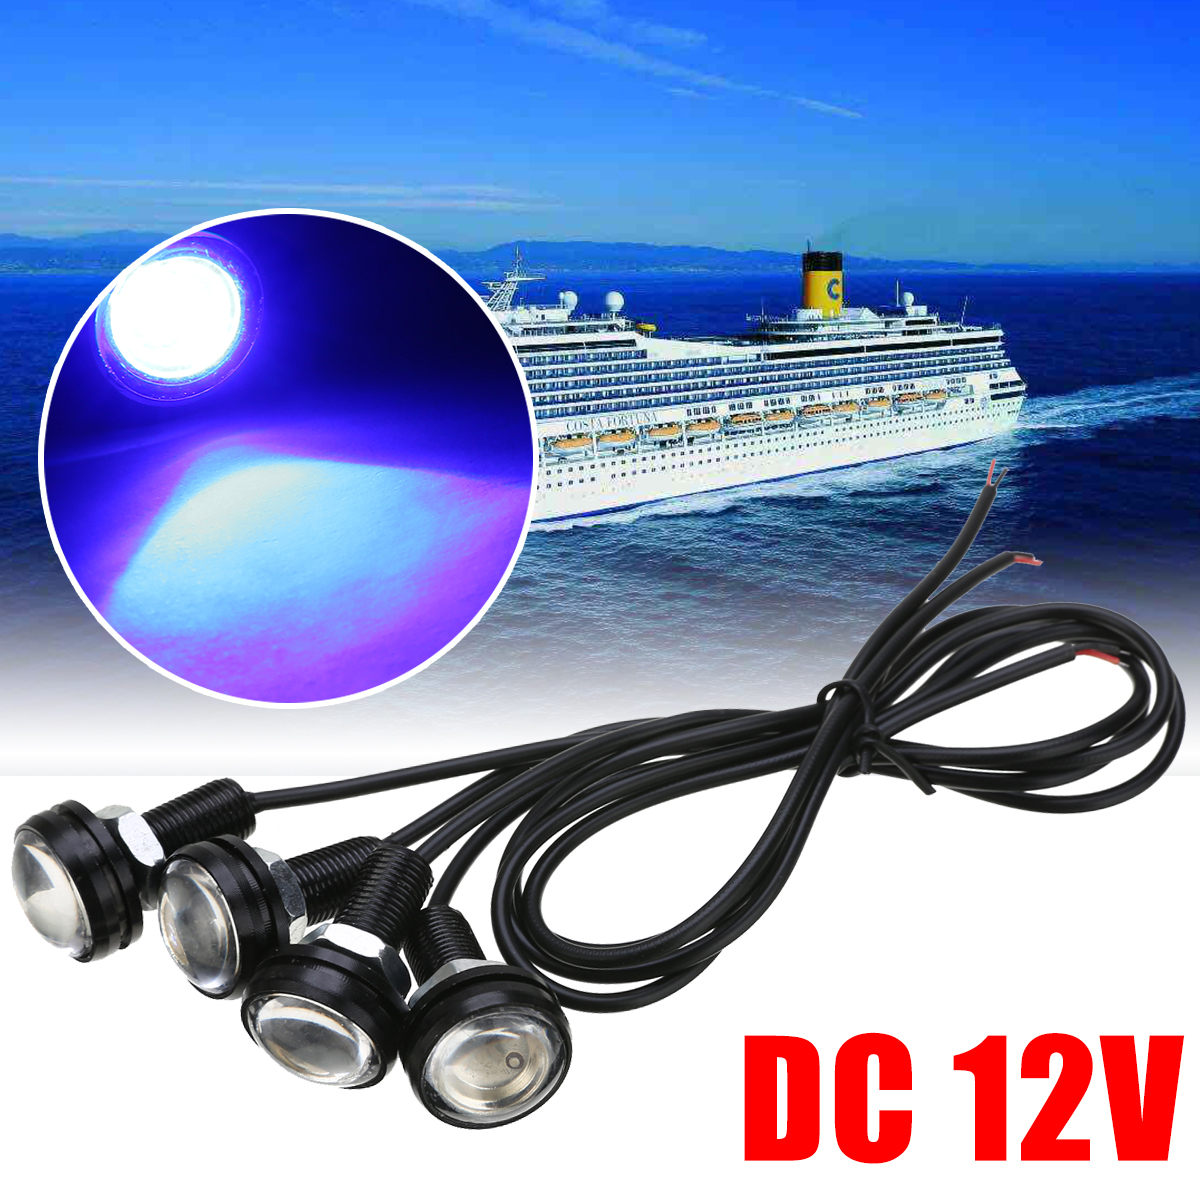 Için tekne ışıkları 4 adet 12V 3W mavi LED tekne ışık su geçirmez Outrigger serpme Transom sualtı balık sinyal lambası